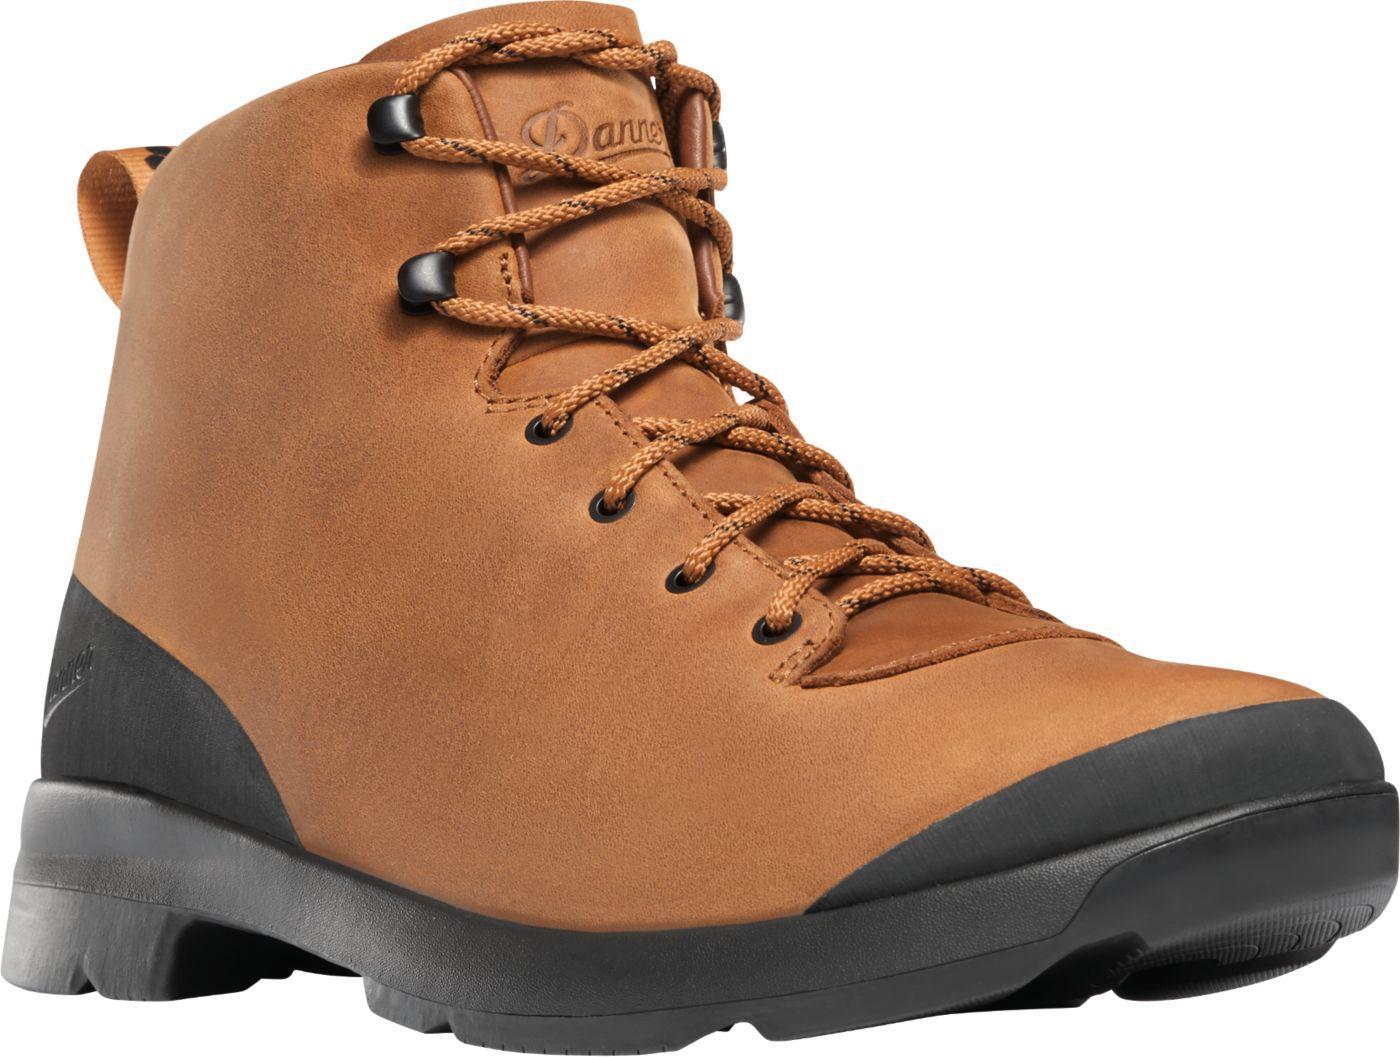 Danner Men's Pub Garden 6'' Waterproof Hiking Boots